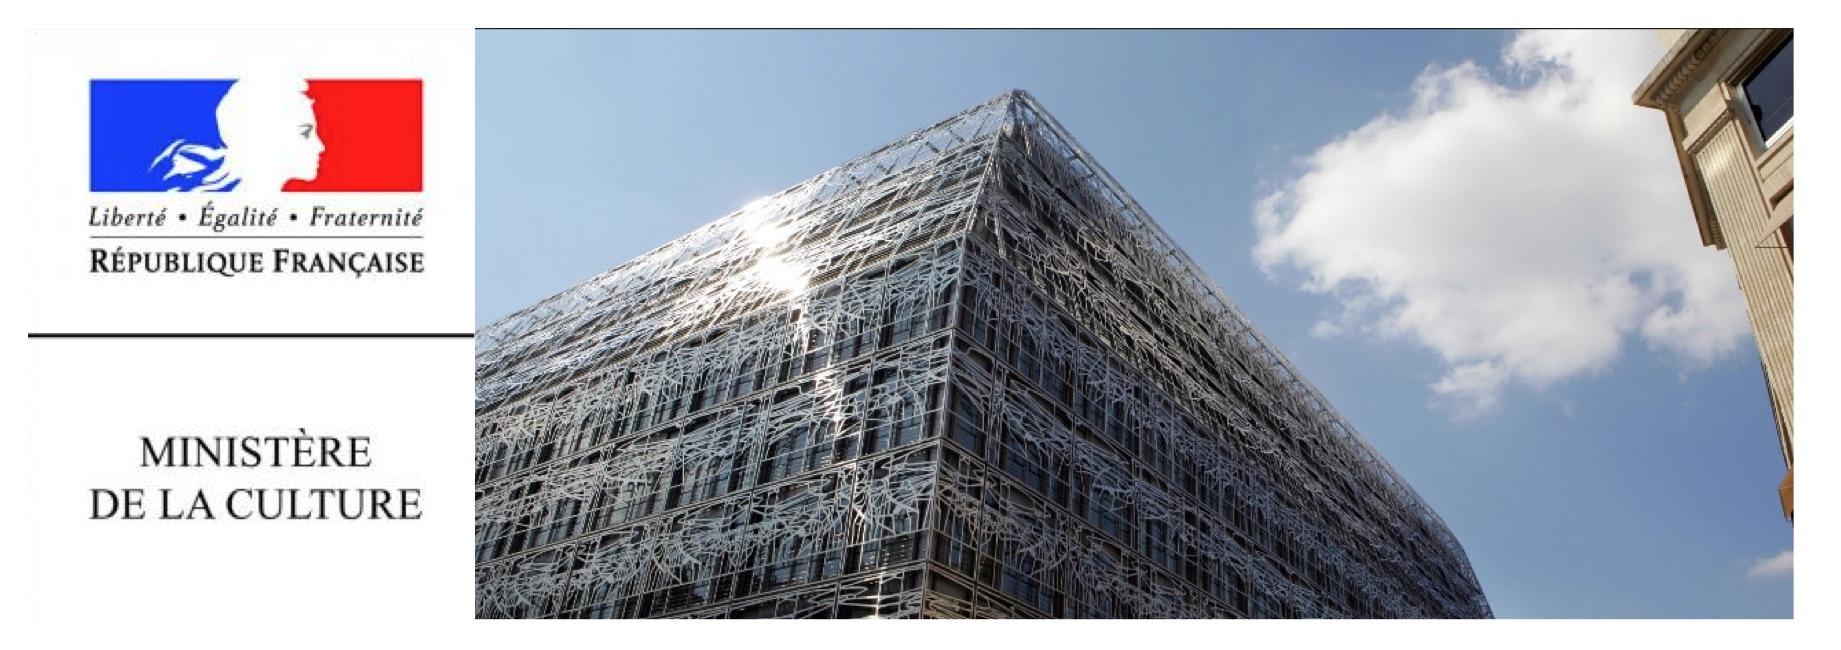 Un questionnaire en ligne pour connaître la perception de l'architecture par ses acteurs et usagers